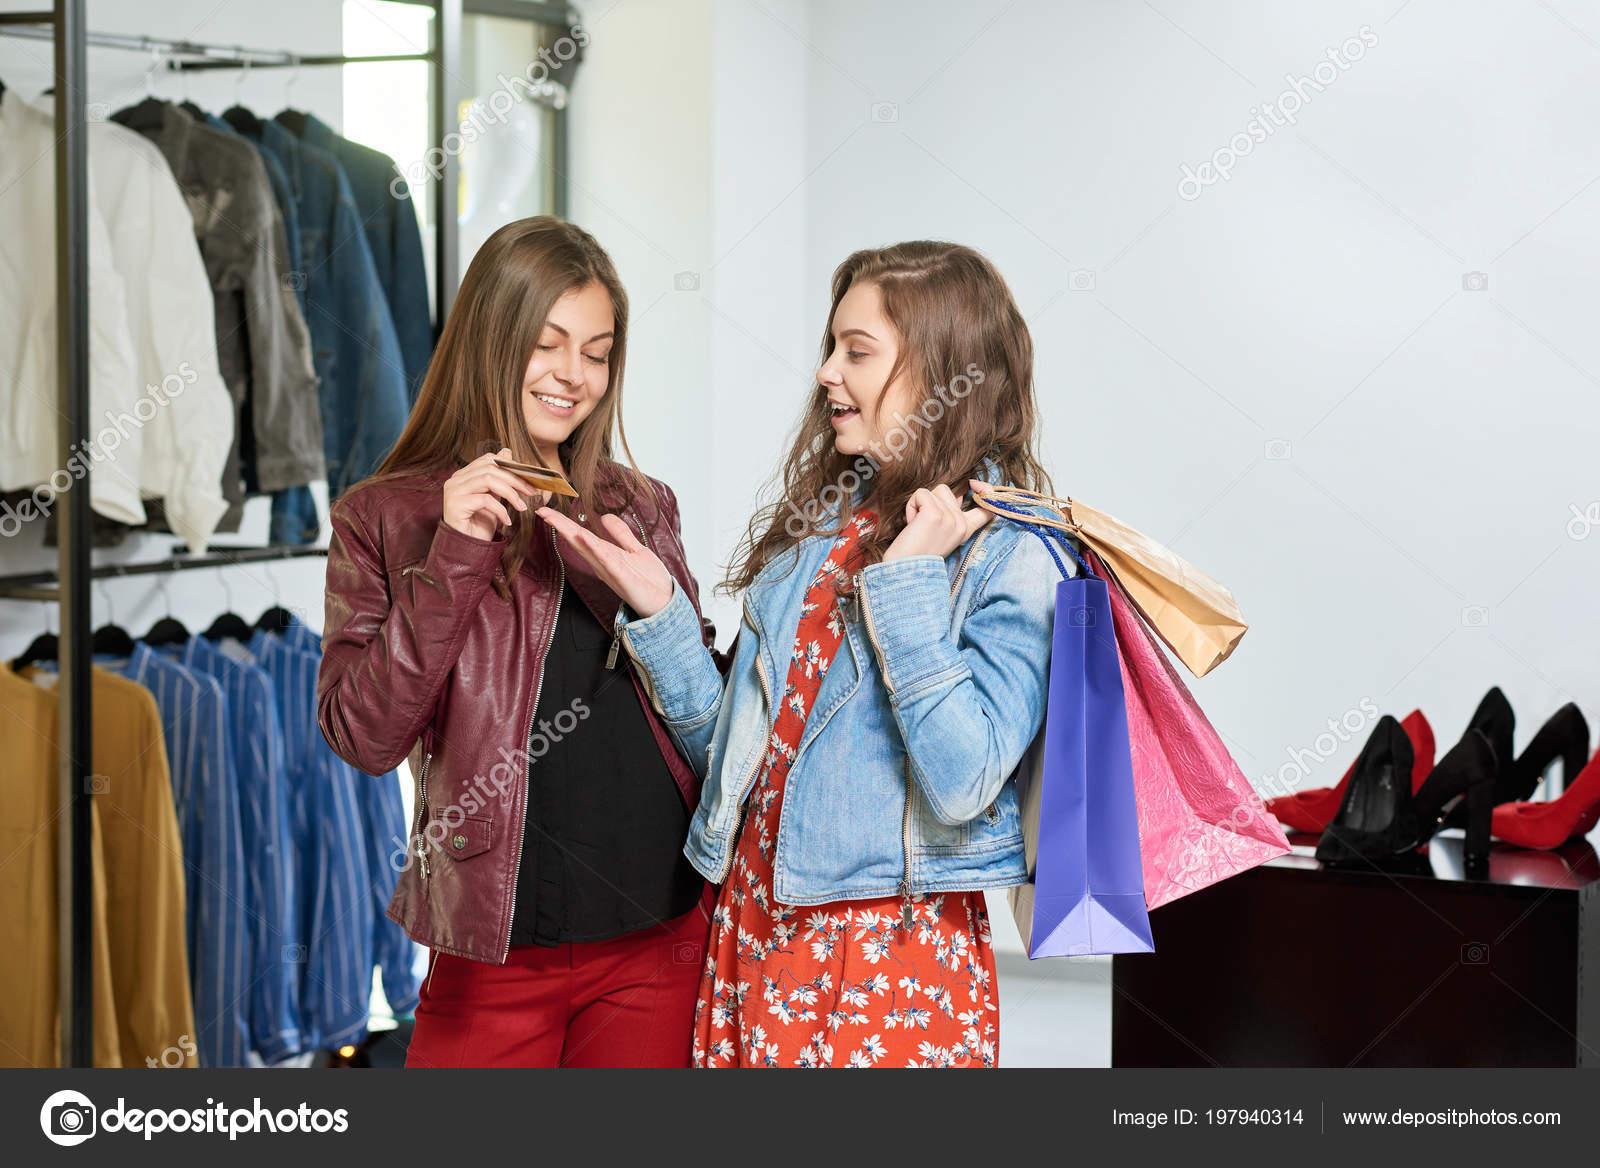 f783ef7044 Chicas comprando ropa en tiendas en el centro comercial– imagen de stock